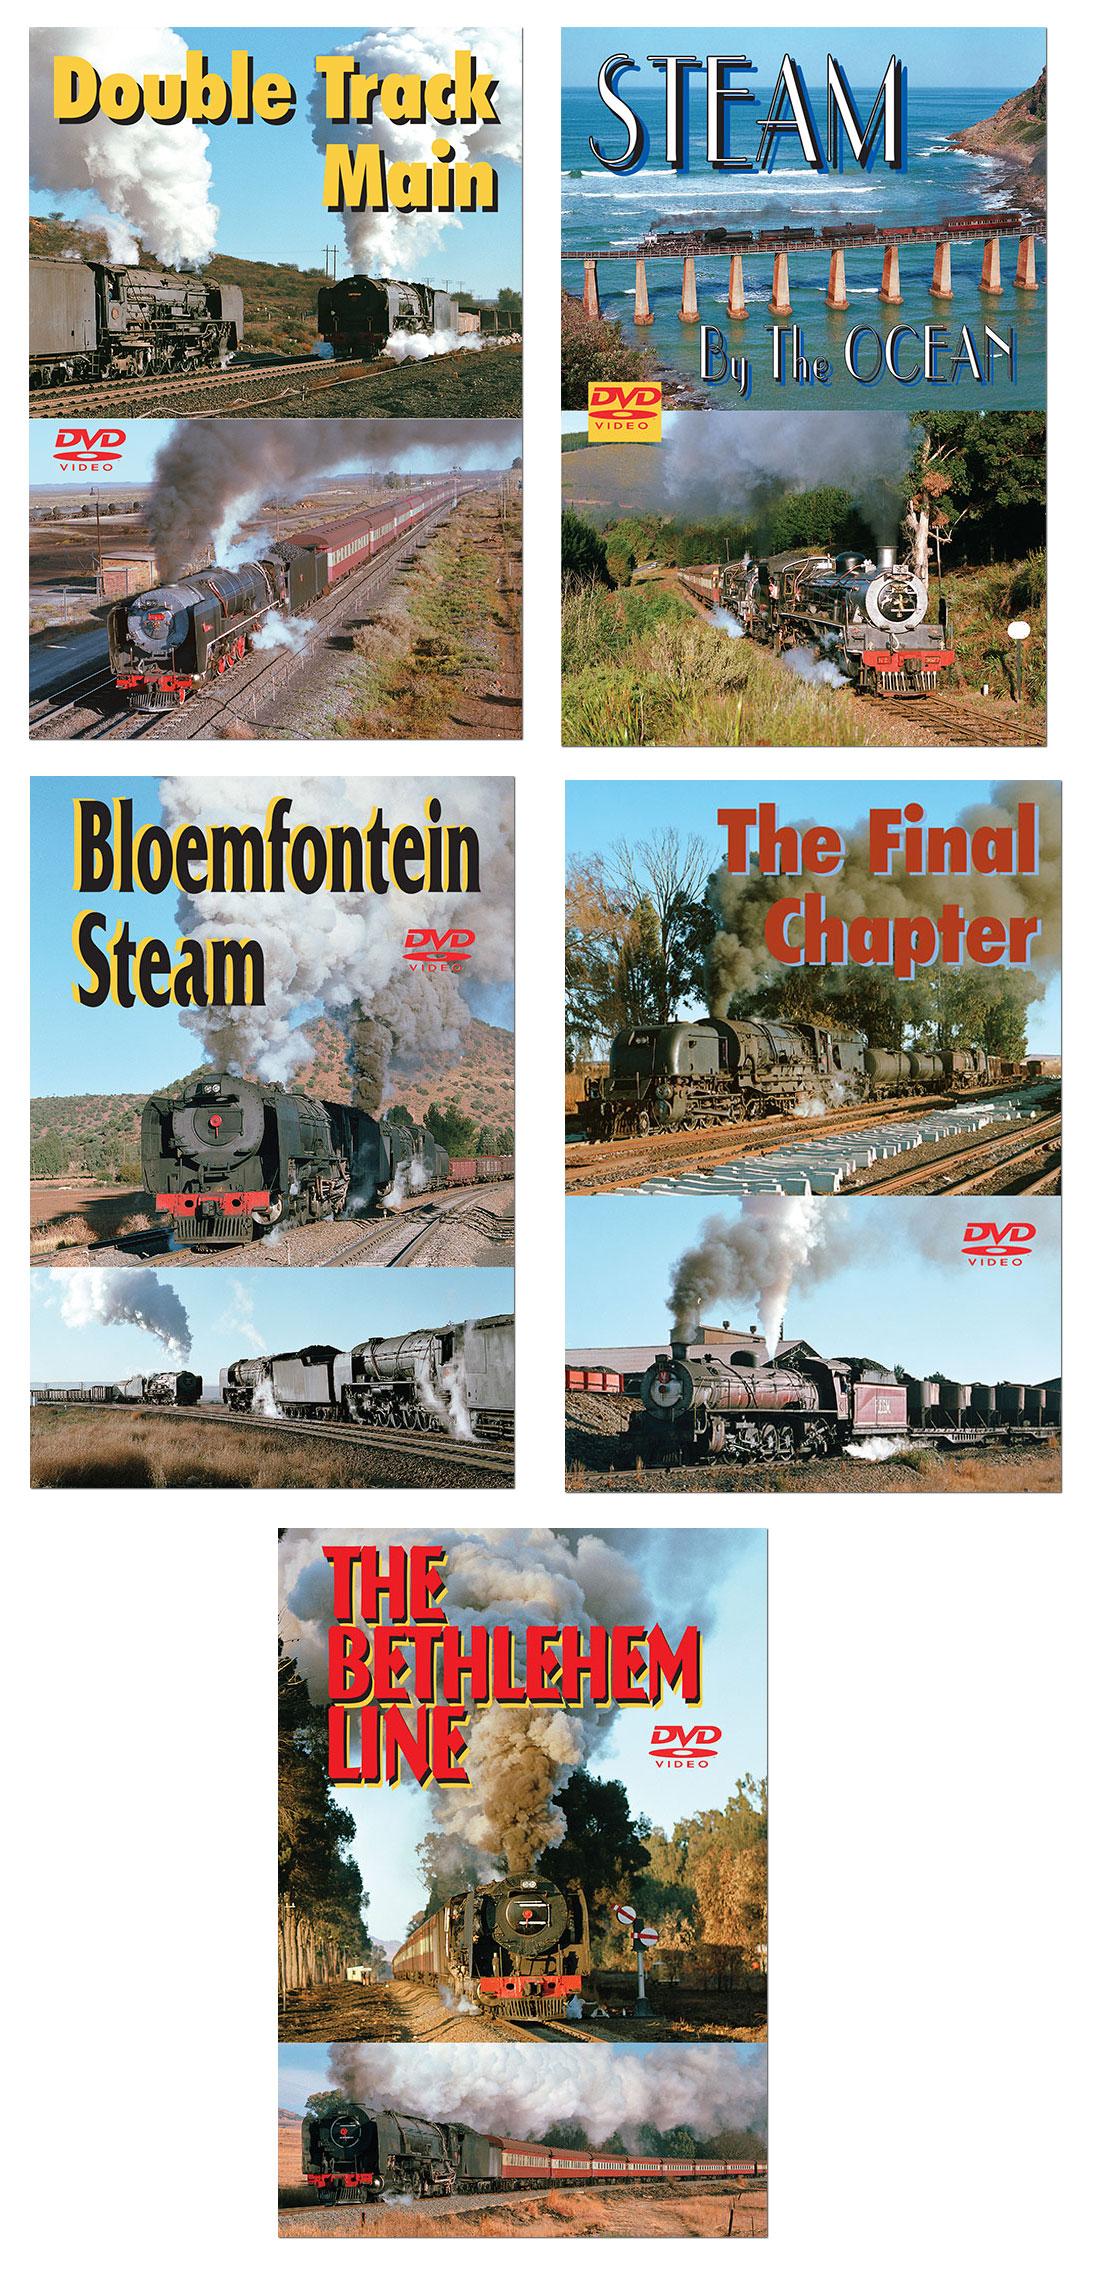 South African Steam 5 DVD Set by Greg Scholl Greg Scholl Video Productions GSVP-SAFSET